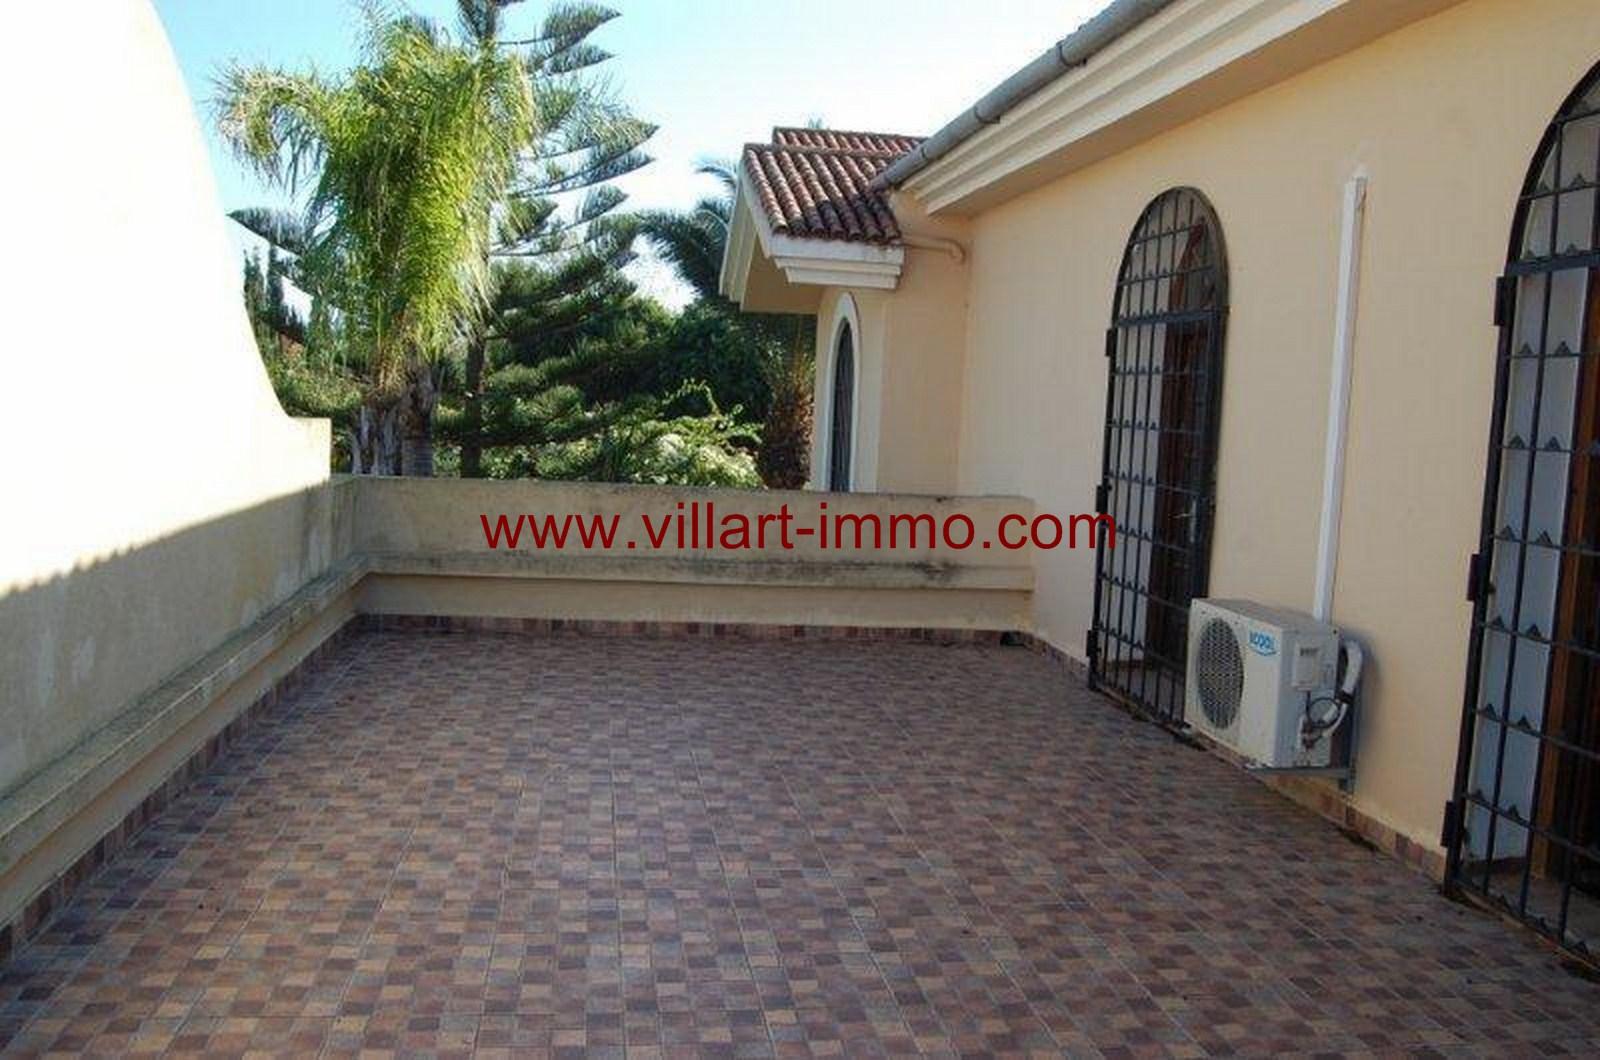 6-vente-villa-tanger-boubana-terrasse-vv363-villart-immo